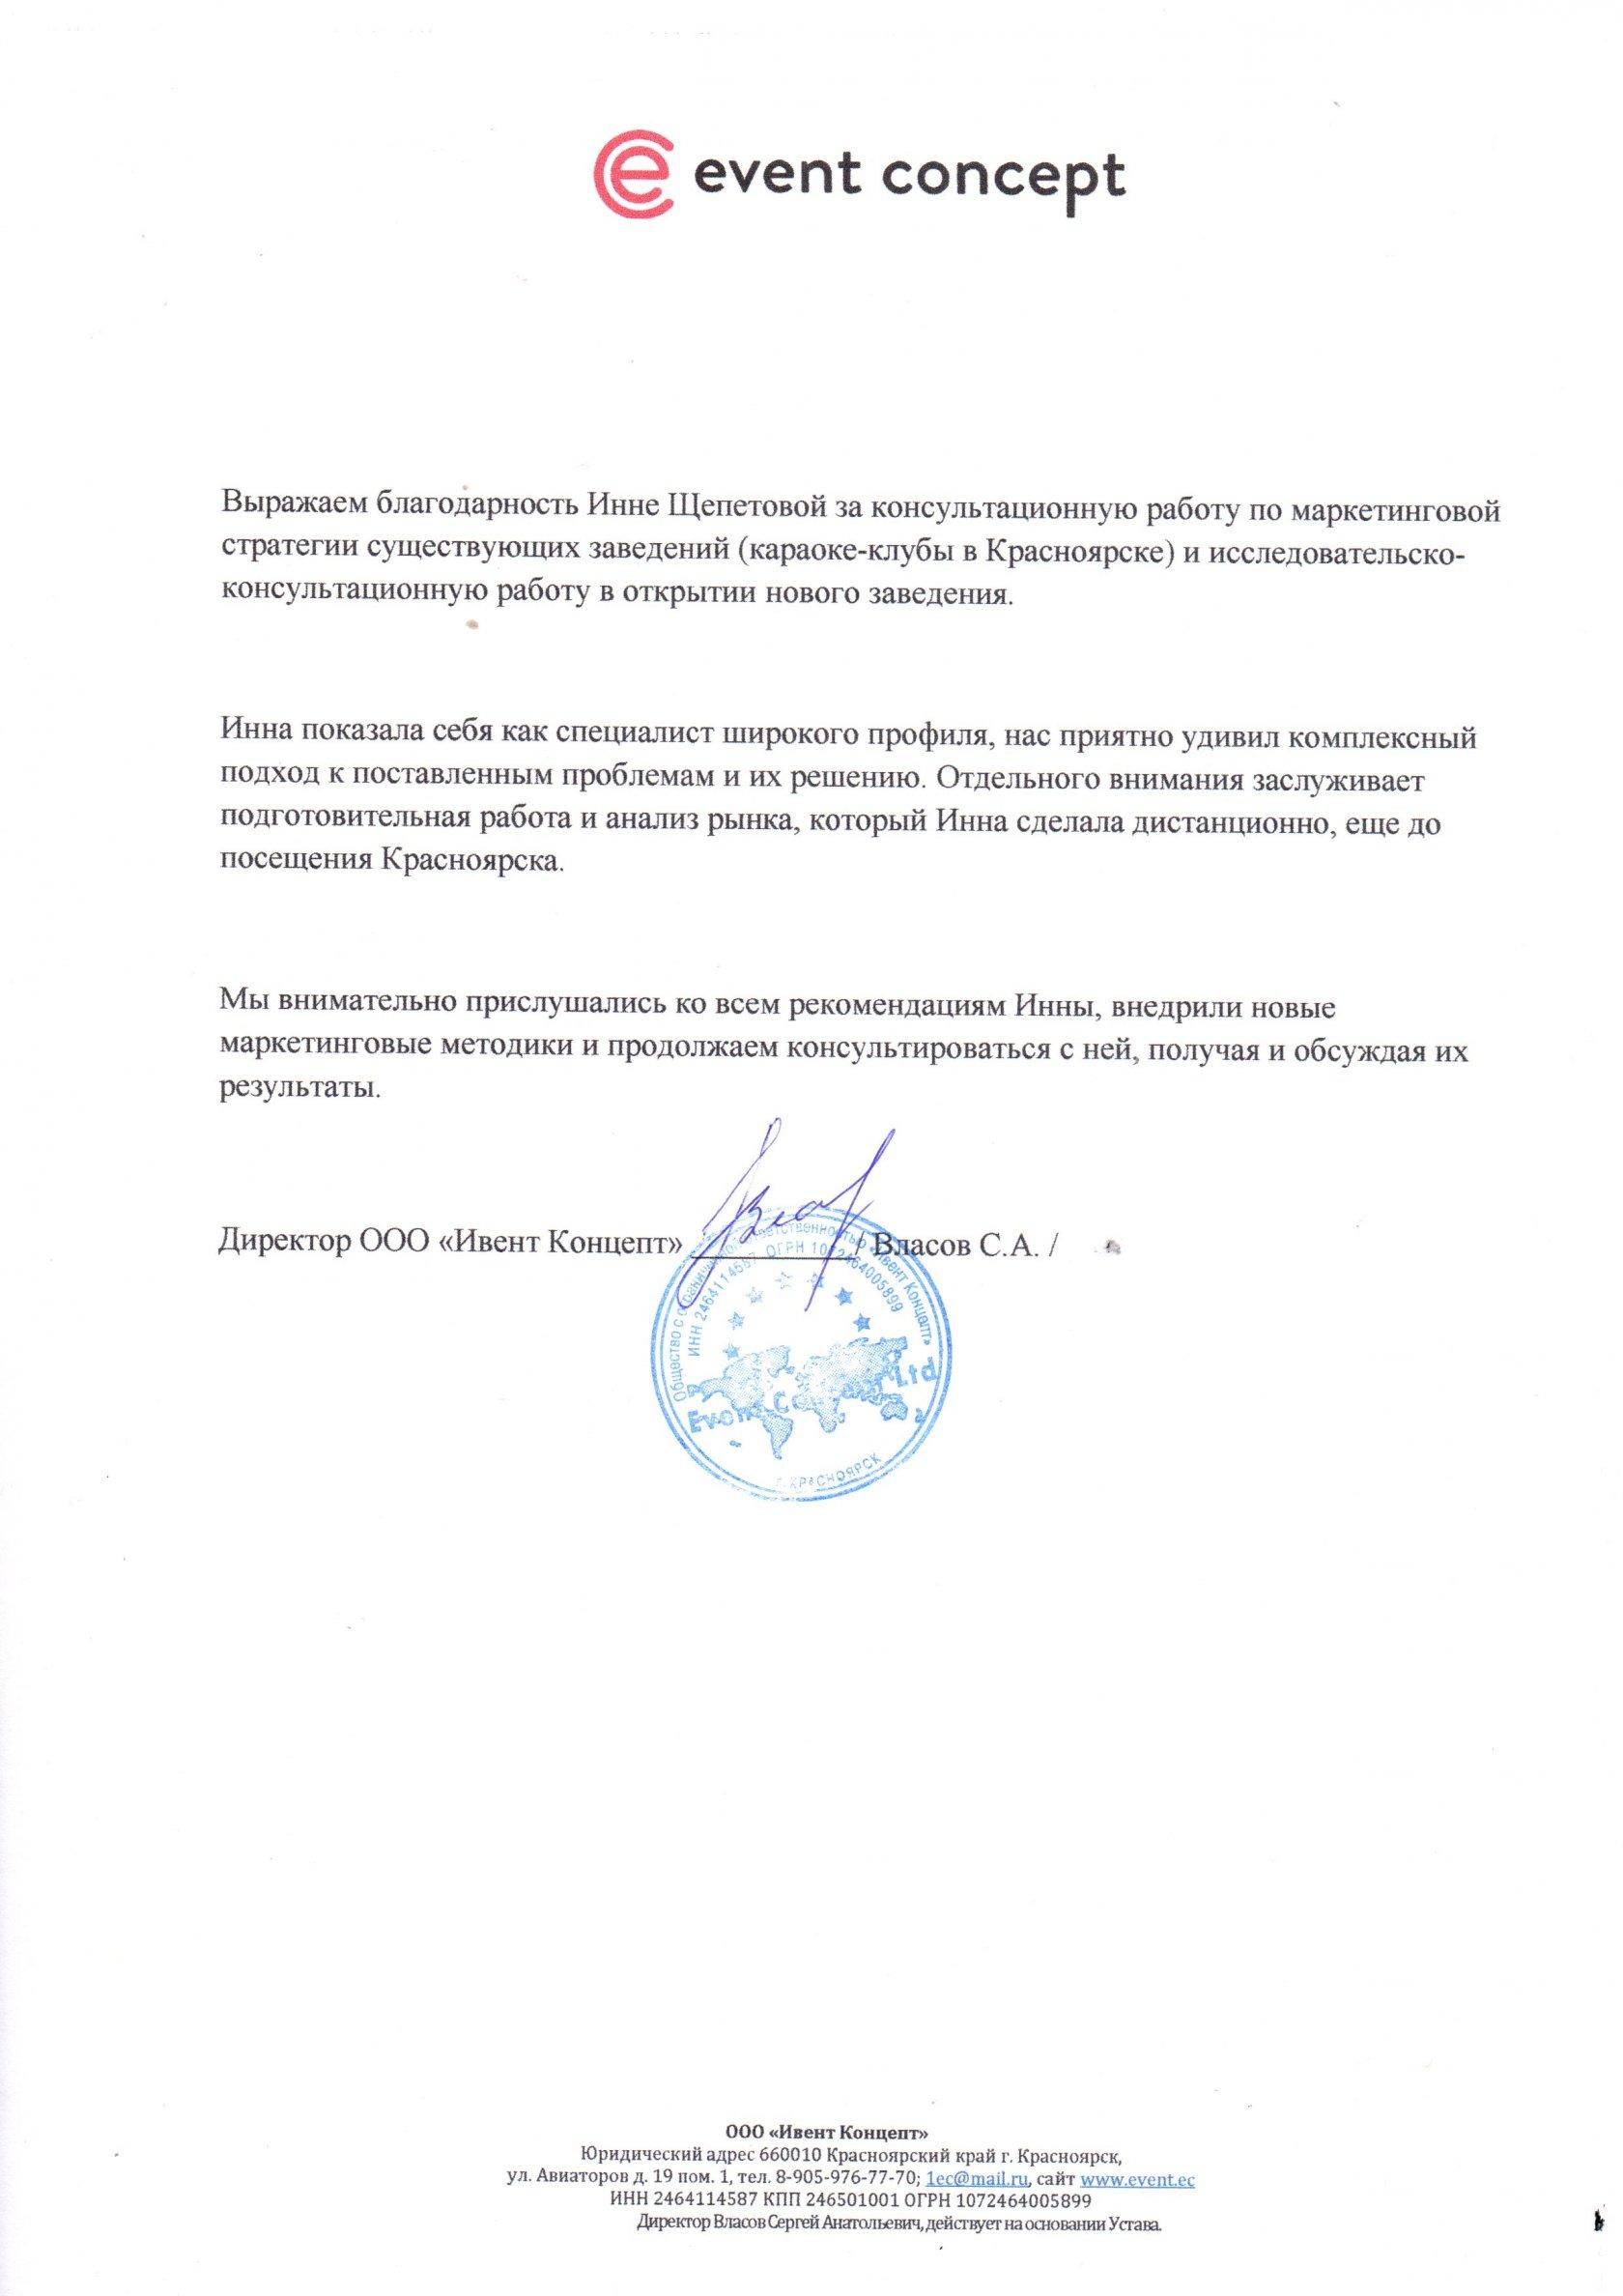 Рабочие Прокси Украины Под Sendblaster